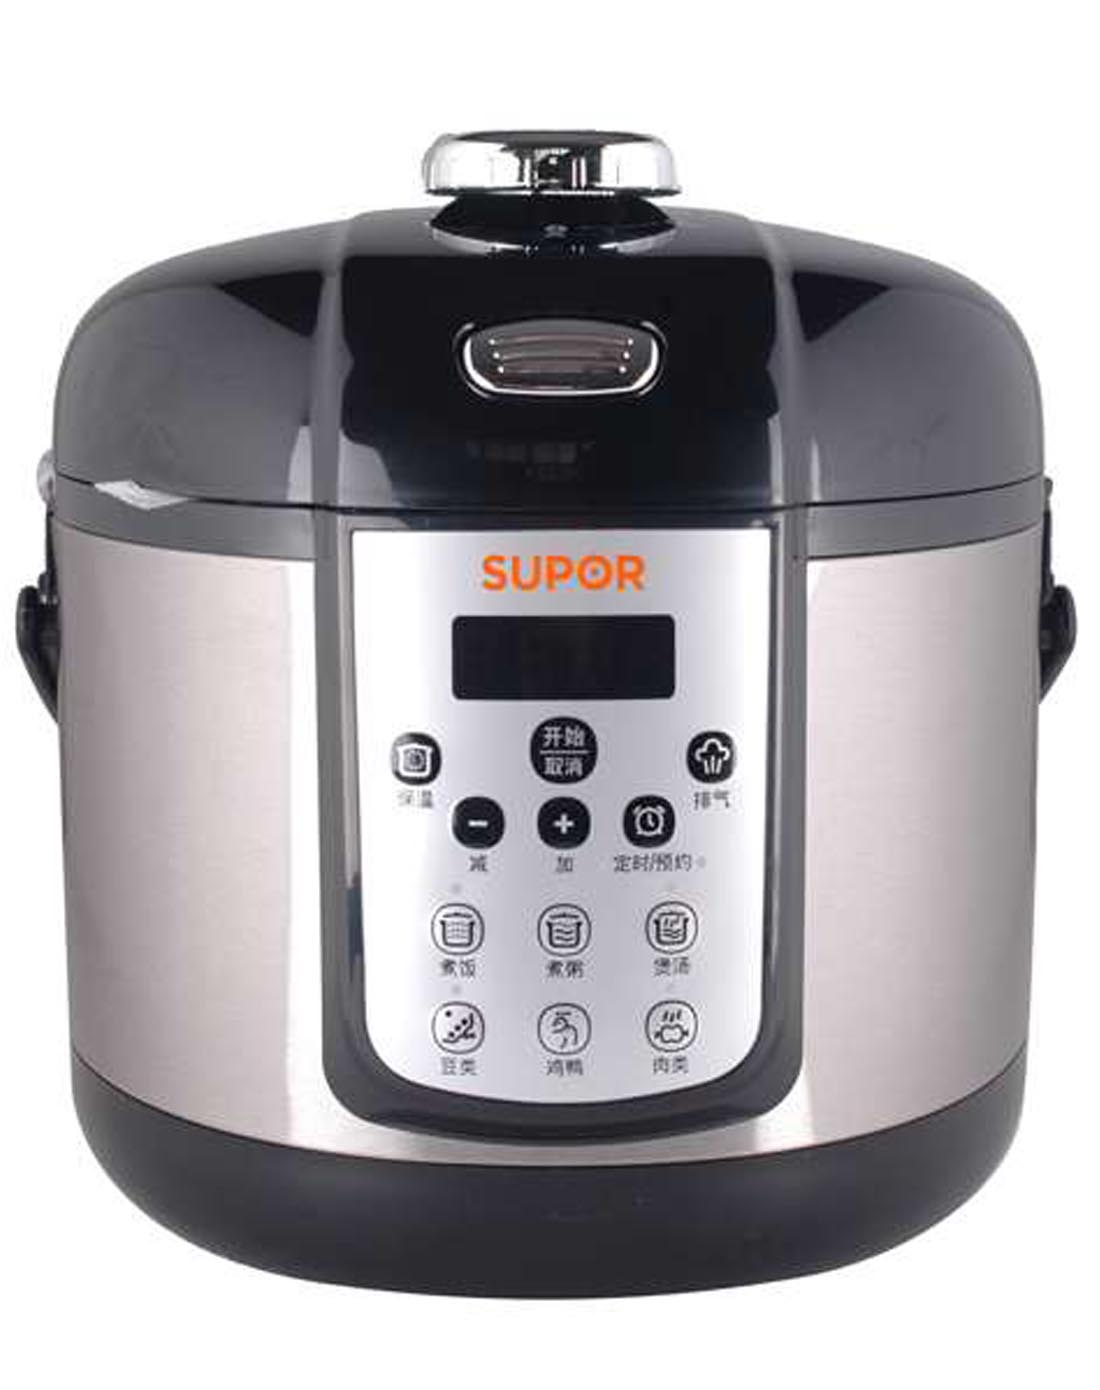 苏泊尔supor电器厨具专场电压力锅5lcysb50fc3a-100